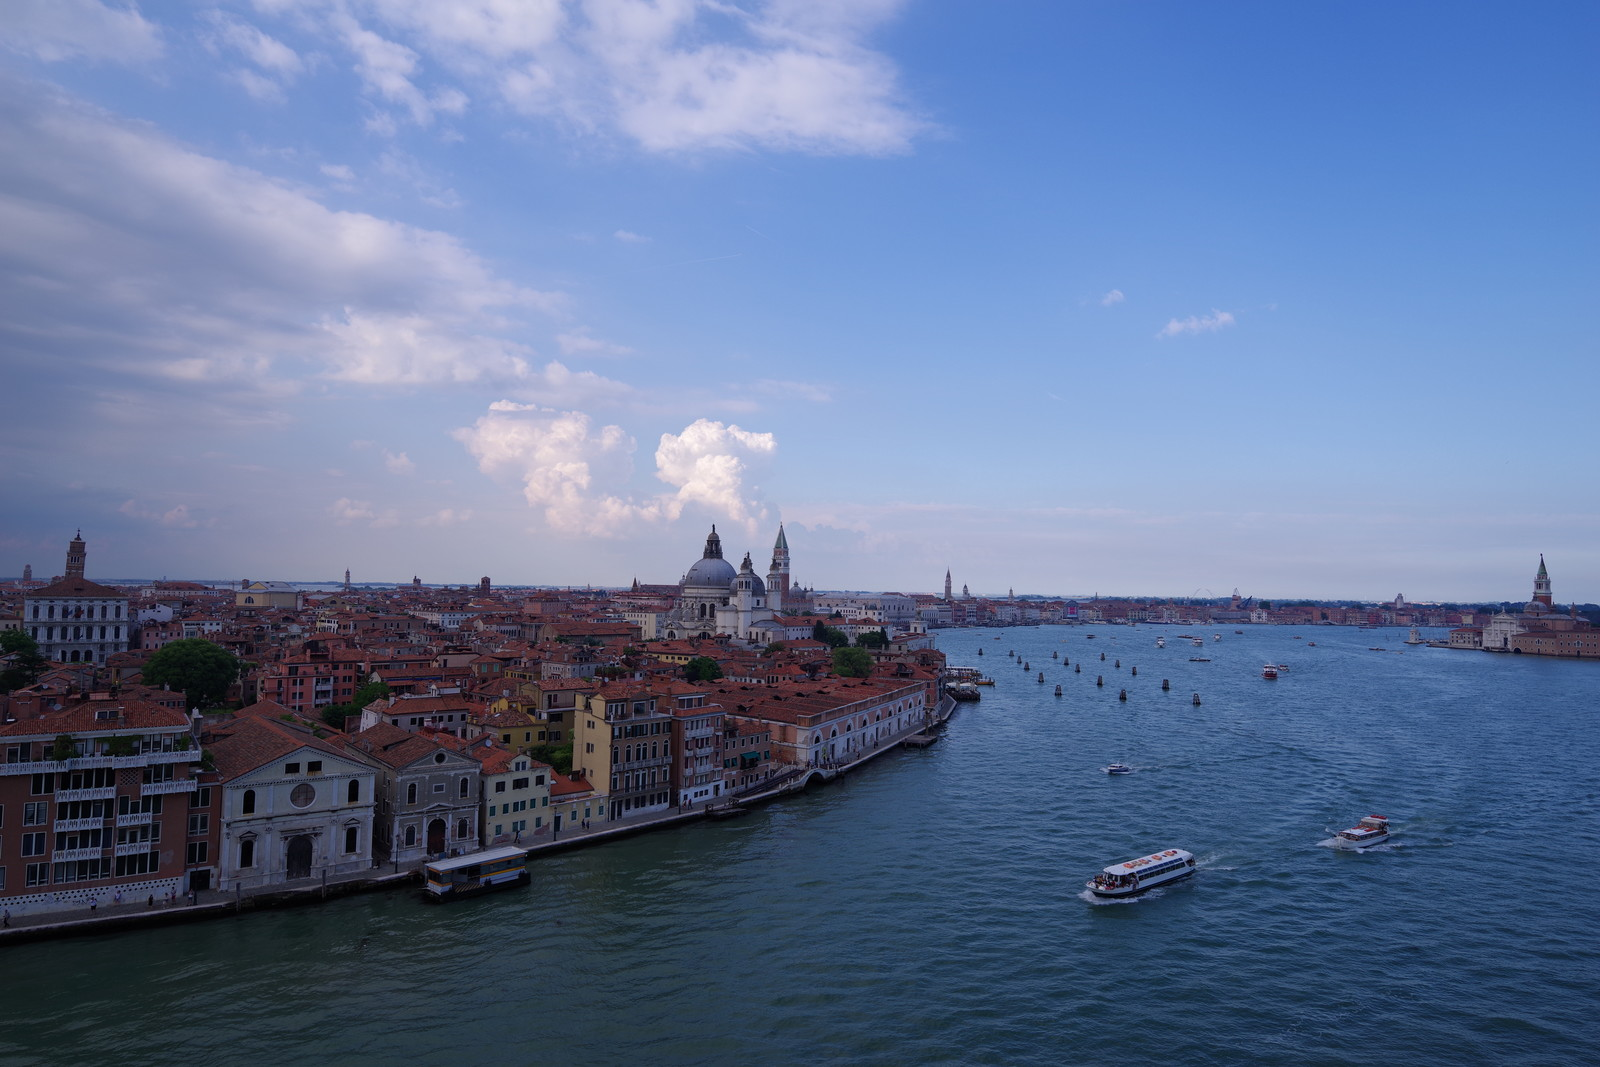 「水上バスやボートが行き交うベネツィアの景観(イタリア)」の写真